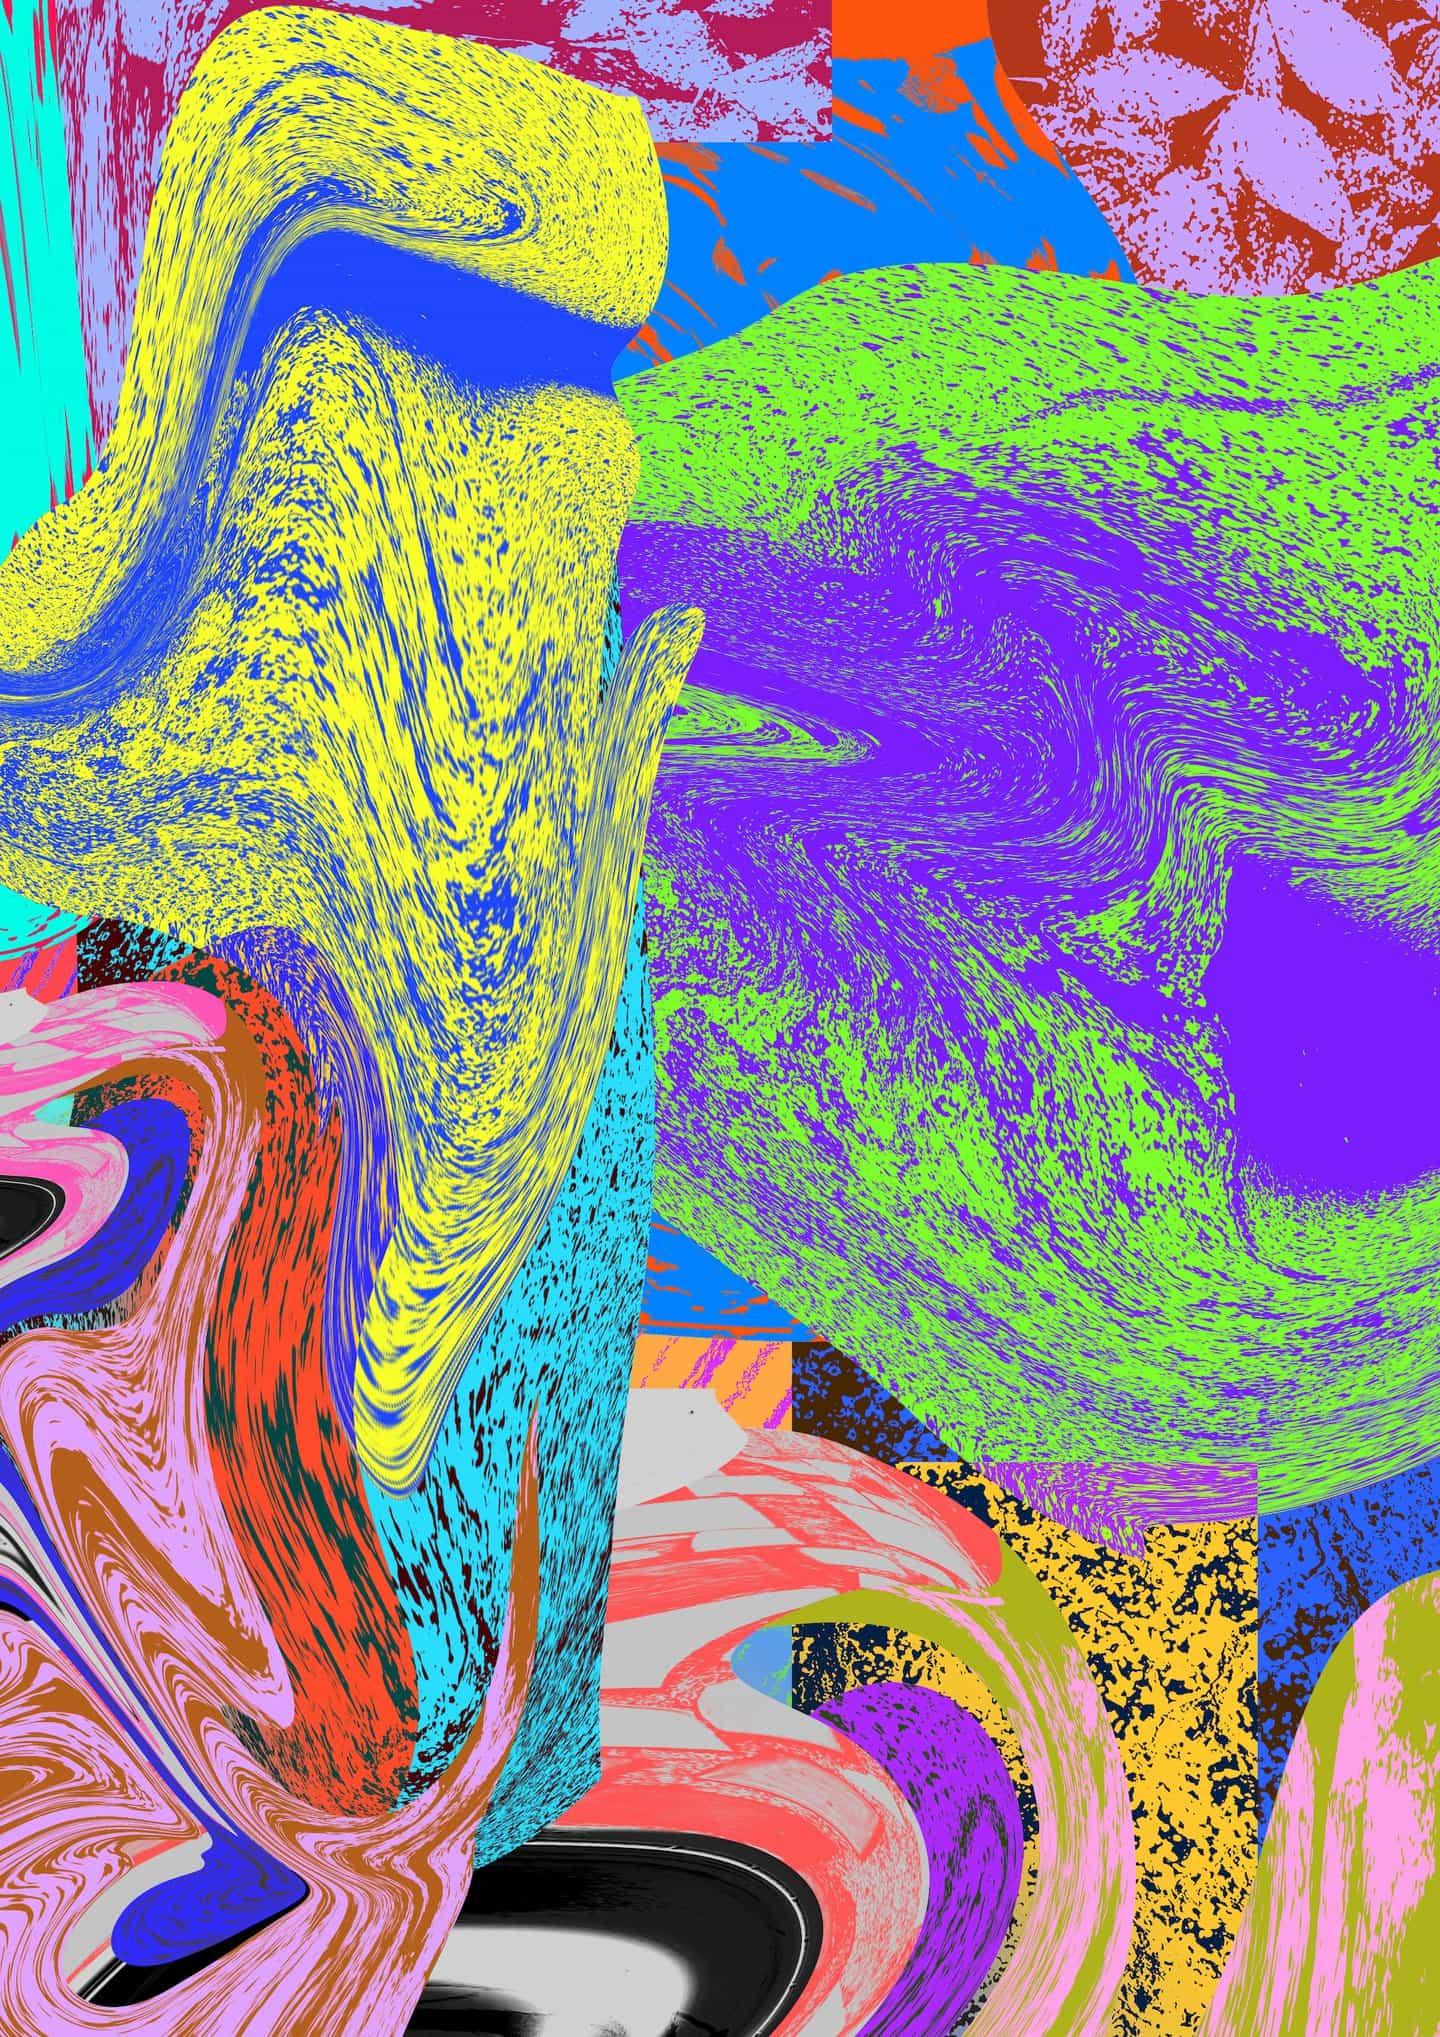 Kris ha diseñado una serie de patrones abstractos que puedes usar en tu autorretrato. Descárgalos arriba.